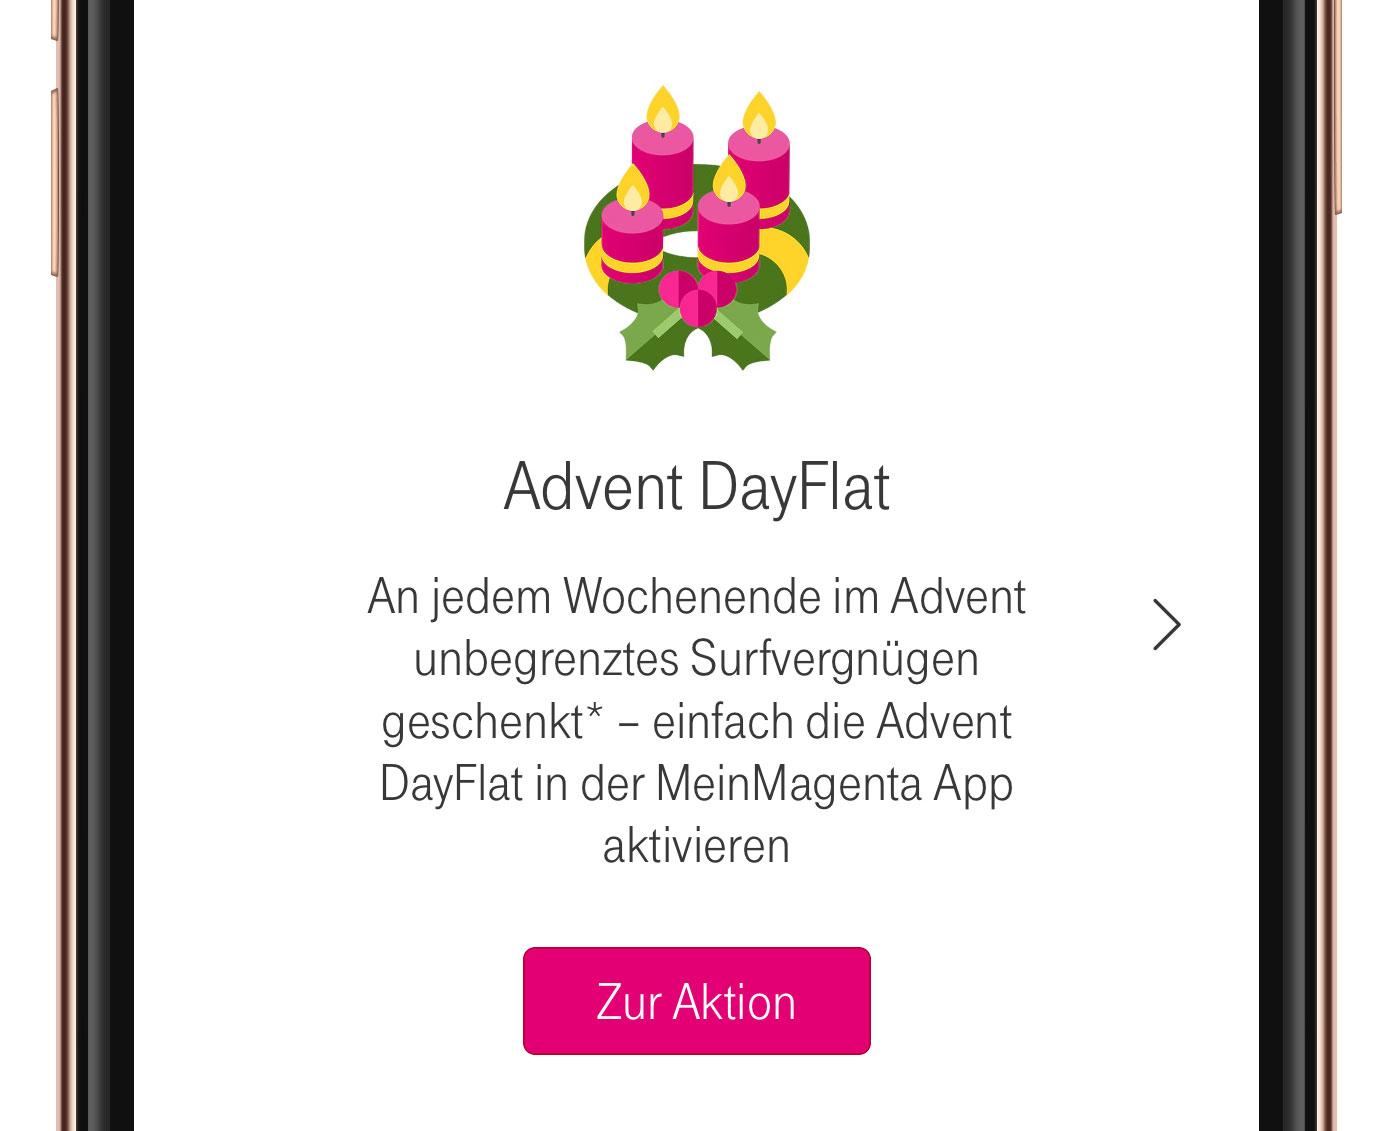 Advent Dayflat Datengeschenk Für Telekom Kunden Startet Iphone